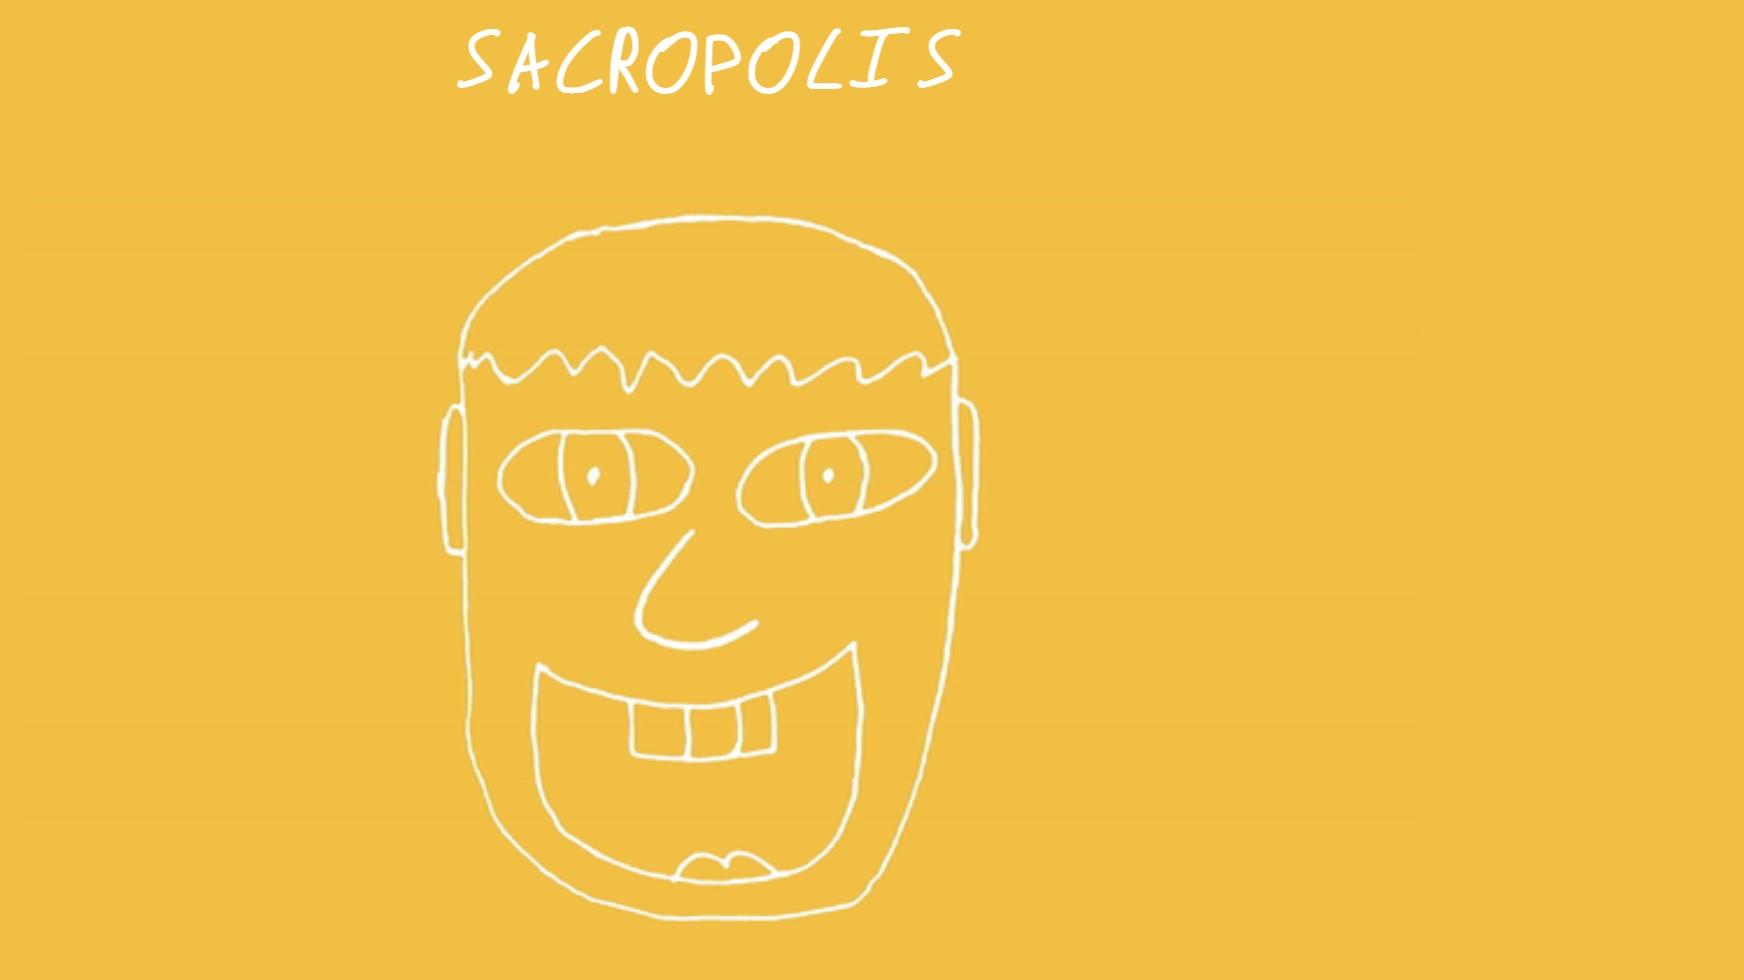 Sacropolis-Skizze